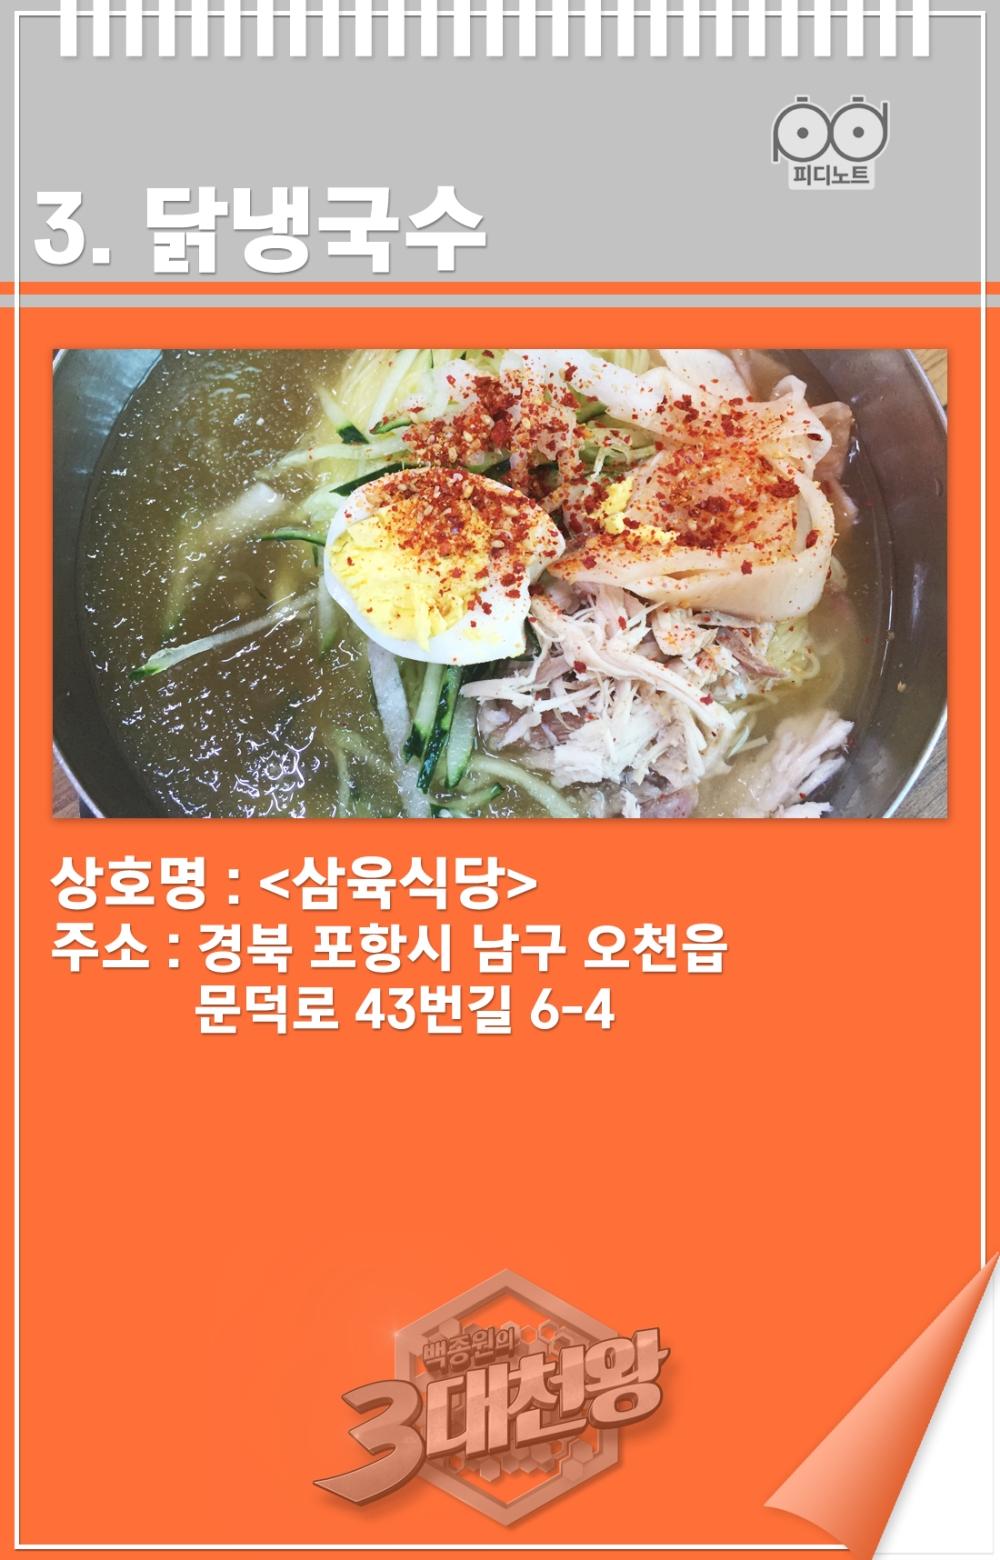 닭냉국수삼육식당경북포항시남구오천읍문덕로43번길6-4